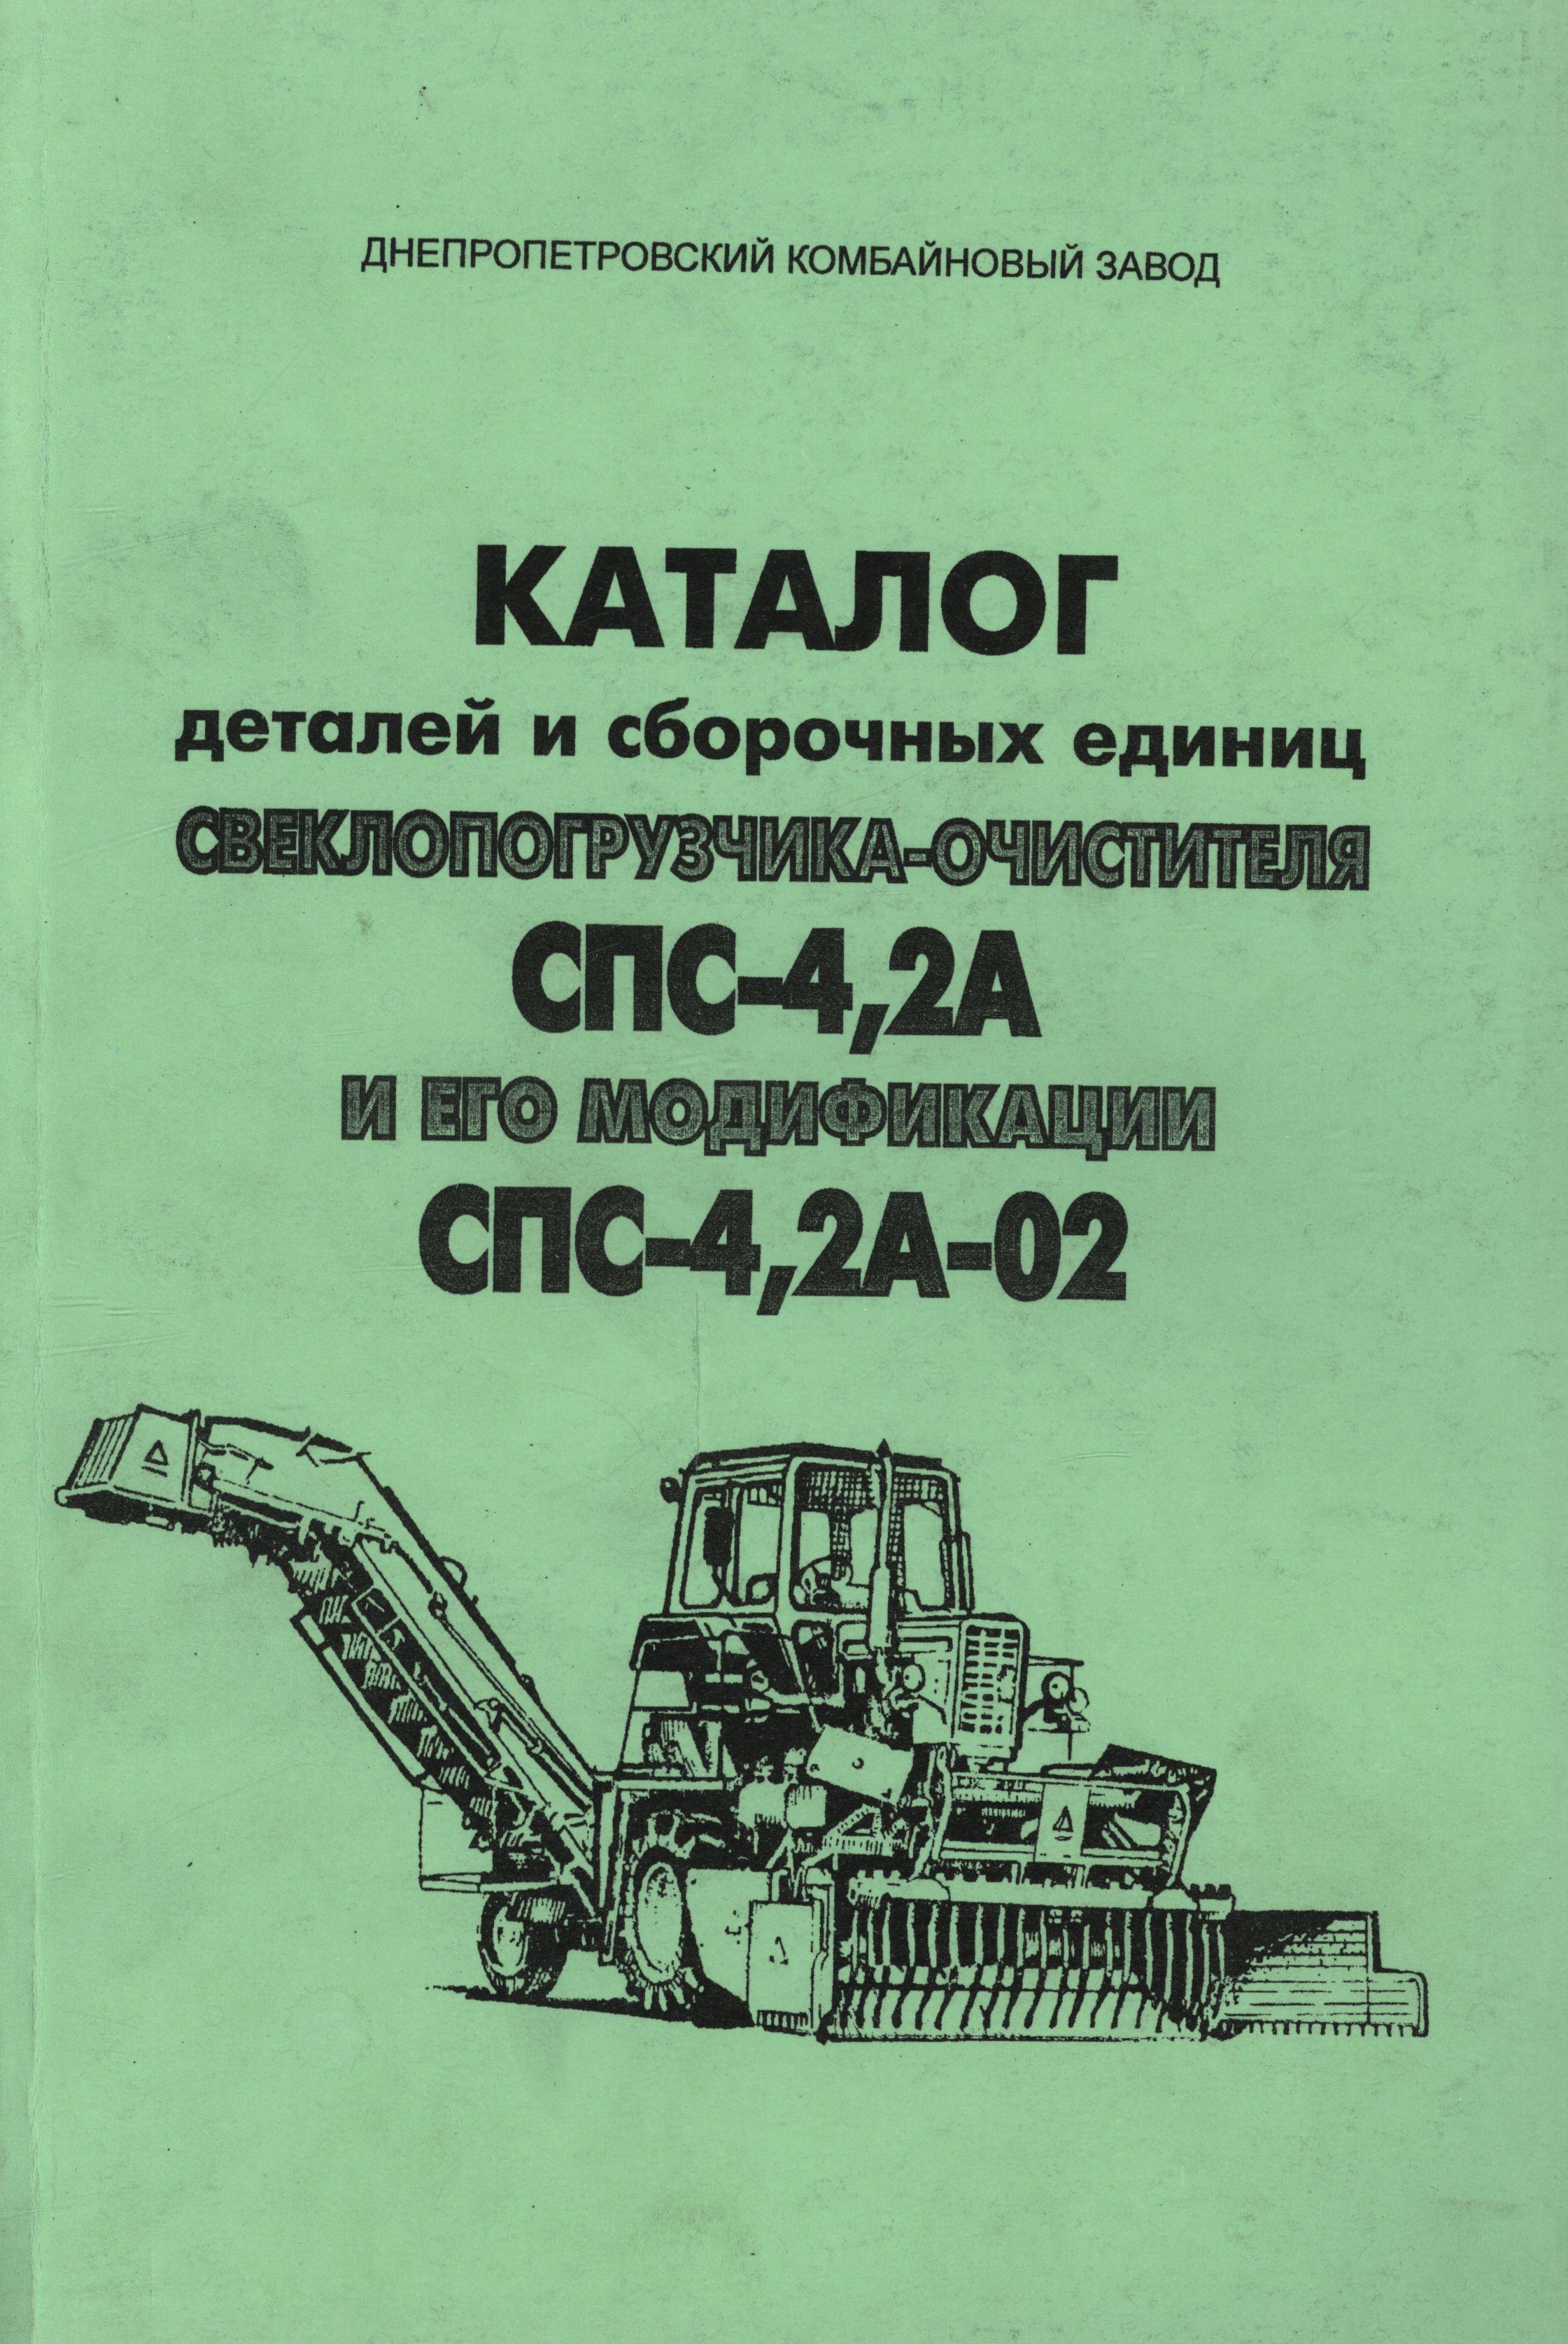 Свеклопогрузчик-очиститель СПС-4,2А. Каталог деталей